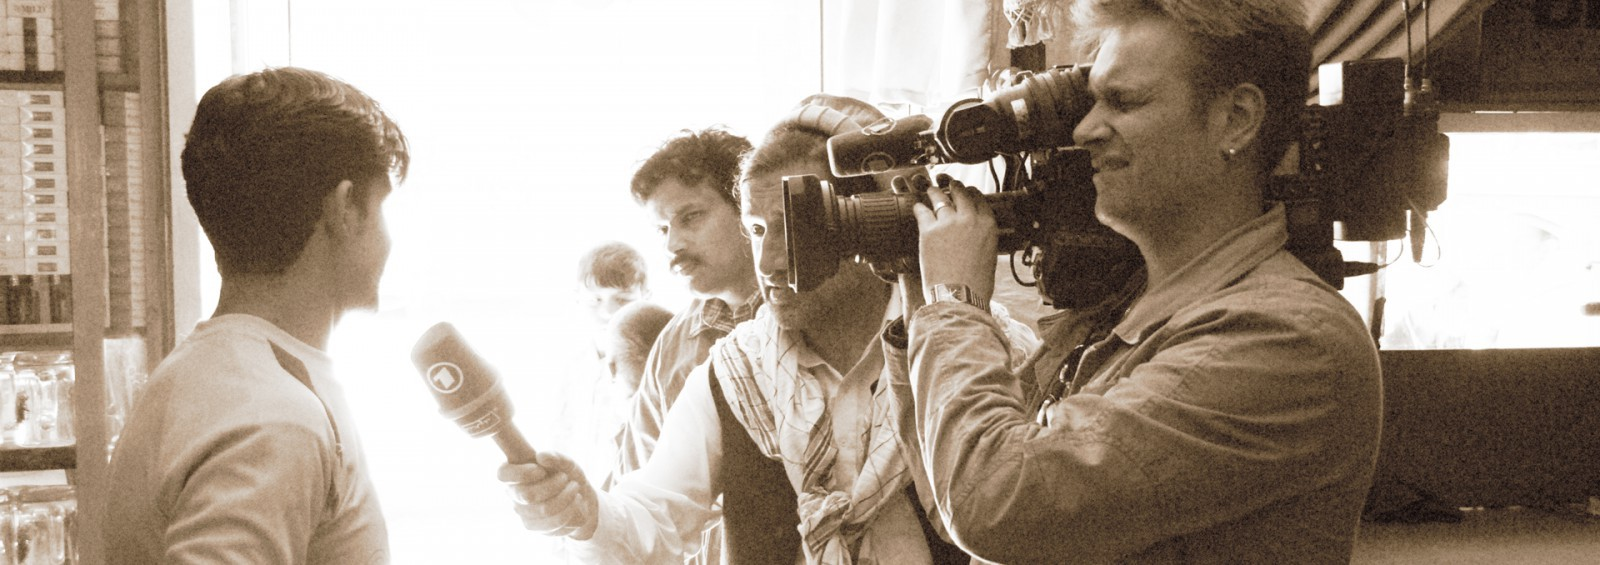 redaktion, eb teams, eng teams, backfocus, India, Asia, Indien, film ploeg, redactie, bbs, Kabul, Afghanistan, Weltspiegel